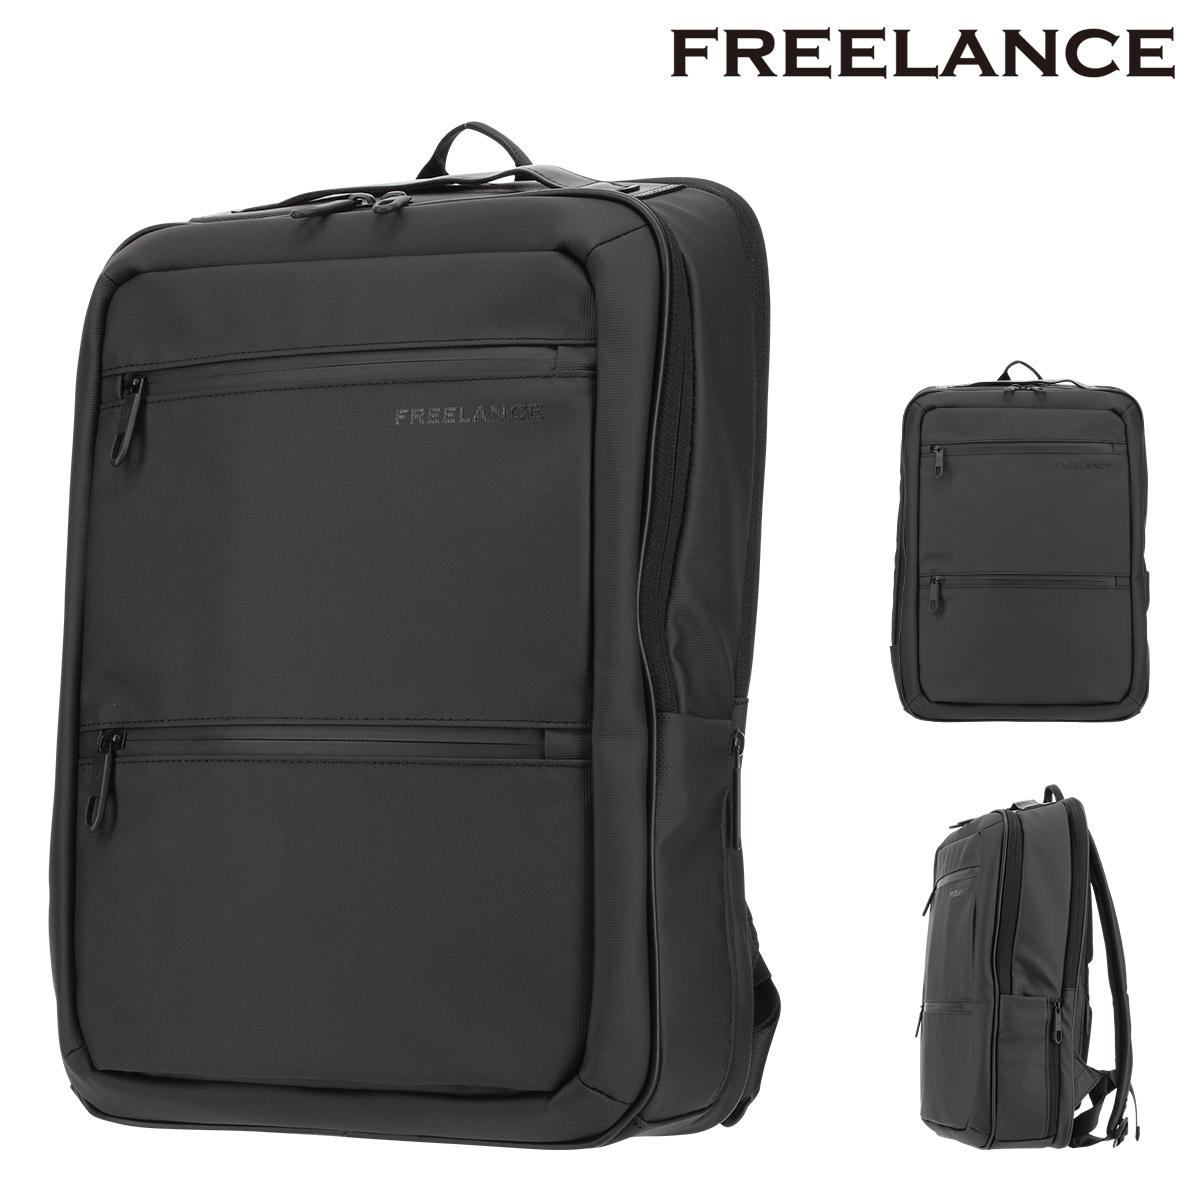 フリーランス リュック メンズ fl-106 FREELANCE | ビジネスバッグ ビジネスリュック ナイロン[即日発送]